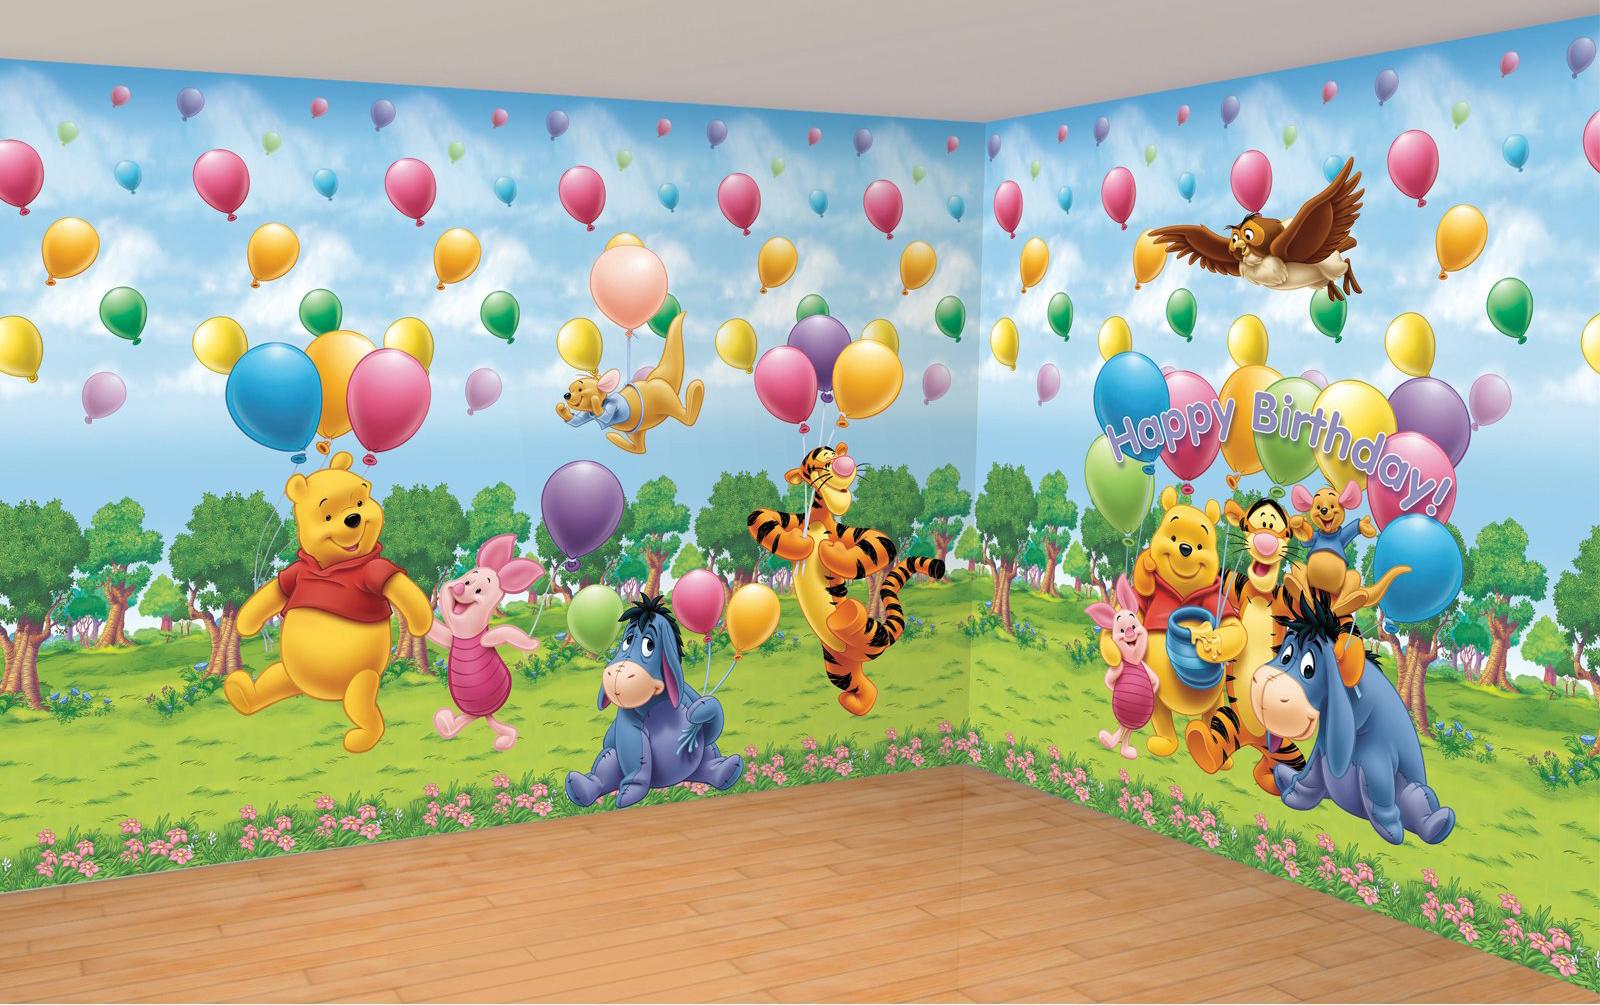 http://1.bp.blogspot.com/-sAlm_NTQ2n4/Tz2bXTR2itI/AAAAAAAAUdQ/-8Q2QLjcGxE/s1600/Winnie-Pooh_10.jpg